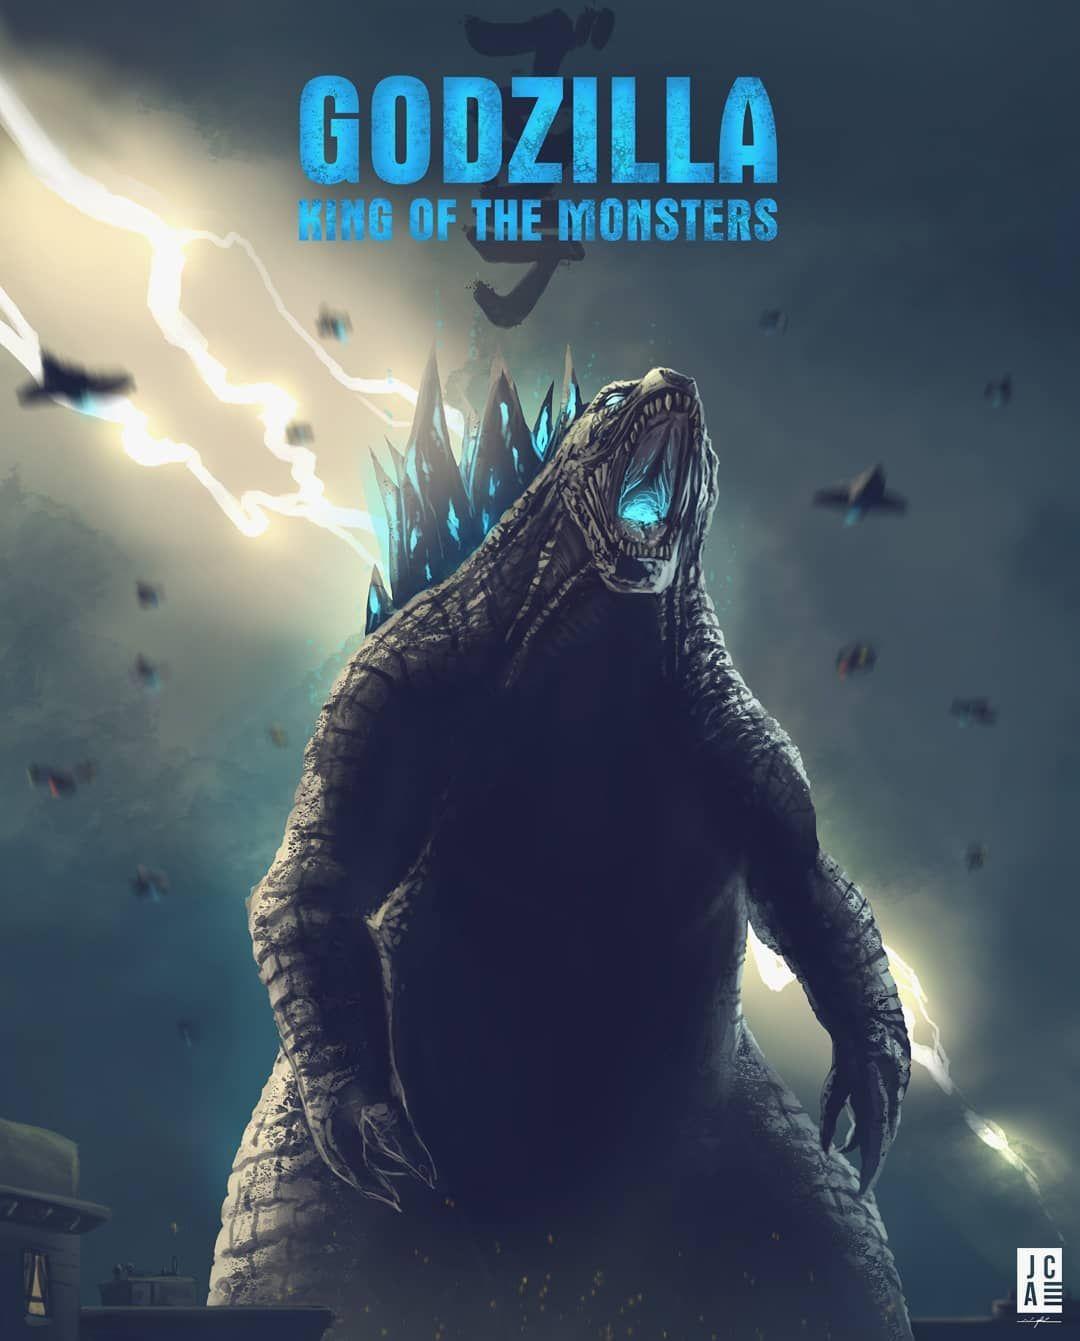 The King Himself I Thought I D Draw A Quick Godzilla Movie Poster After Watching The Trailer The Whole Thing Looks Super Ep Godzilla Godzilla 2 Kong Godzilla